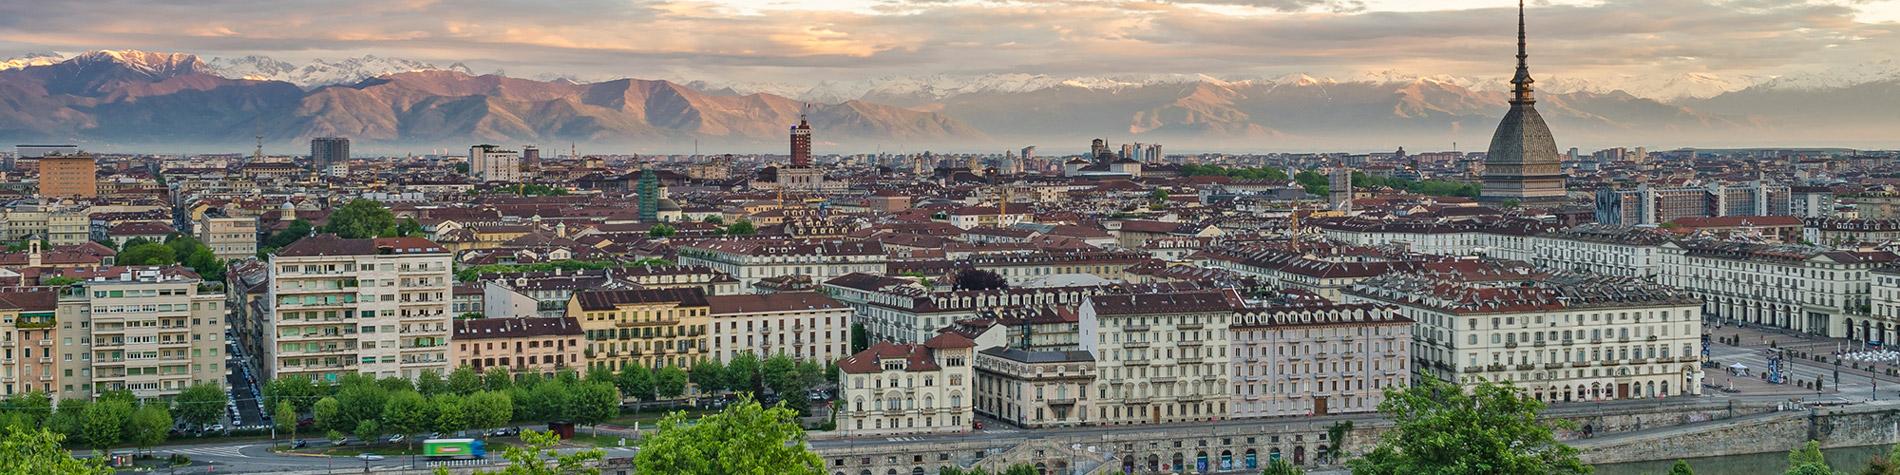 Scopri l'immobiliare su misura a Torino e provincia